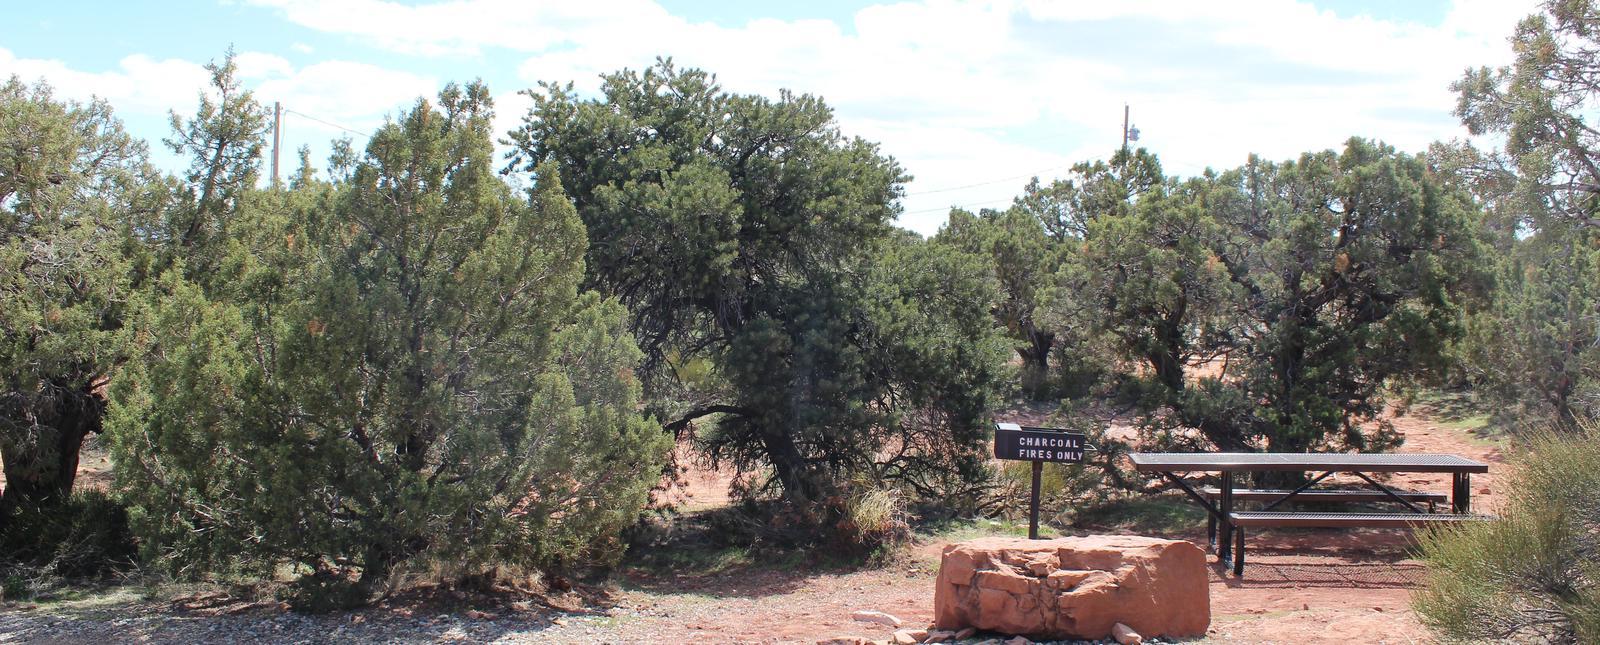 Loop B Site 48